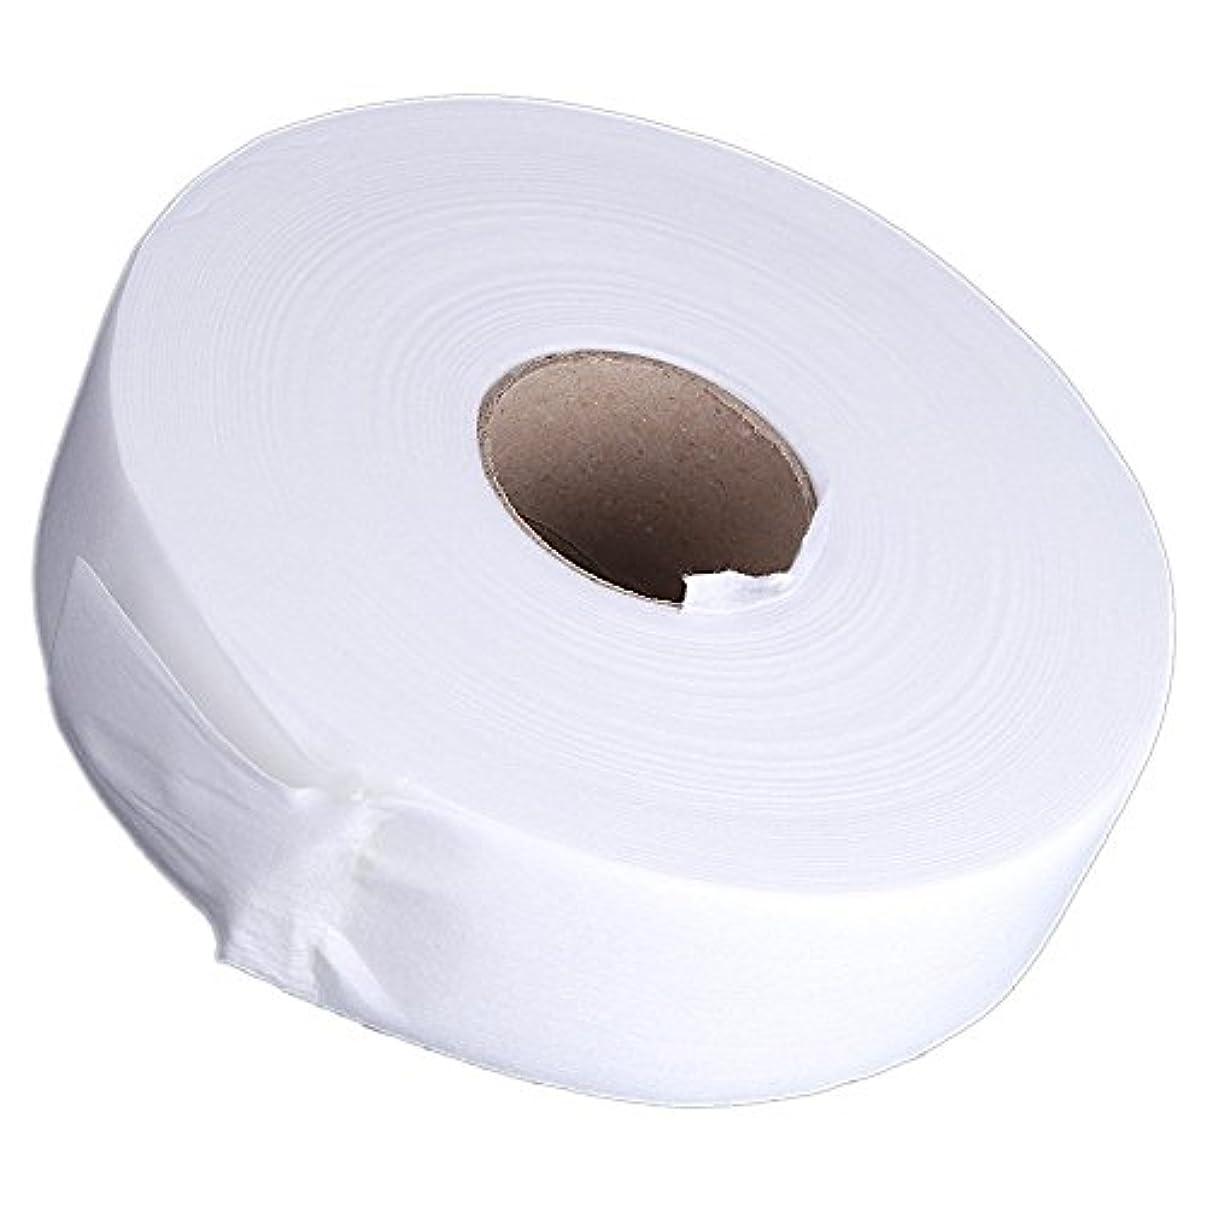 サラダ人に関する限り間隔Gaoominy 100ヤードの脱毛紙脱毛ワックスストリップ 不織布ペーパーワックスロール(白)